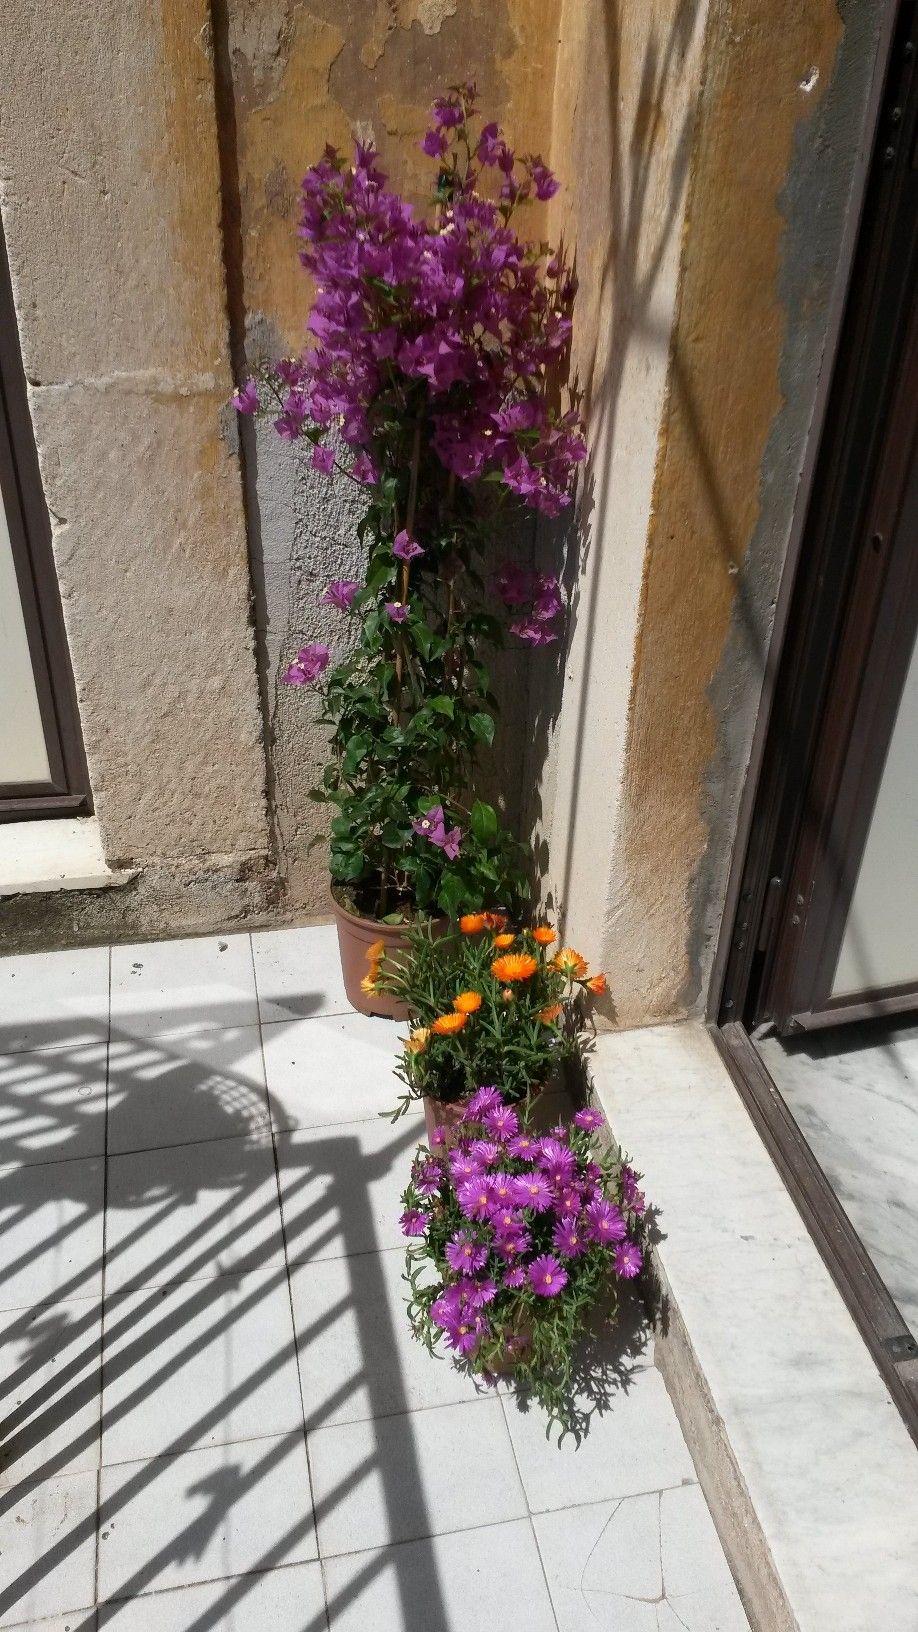 Neofita bouganville consigli pagina 9 forum giardinaggio for Bouganville in vaso